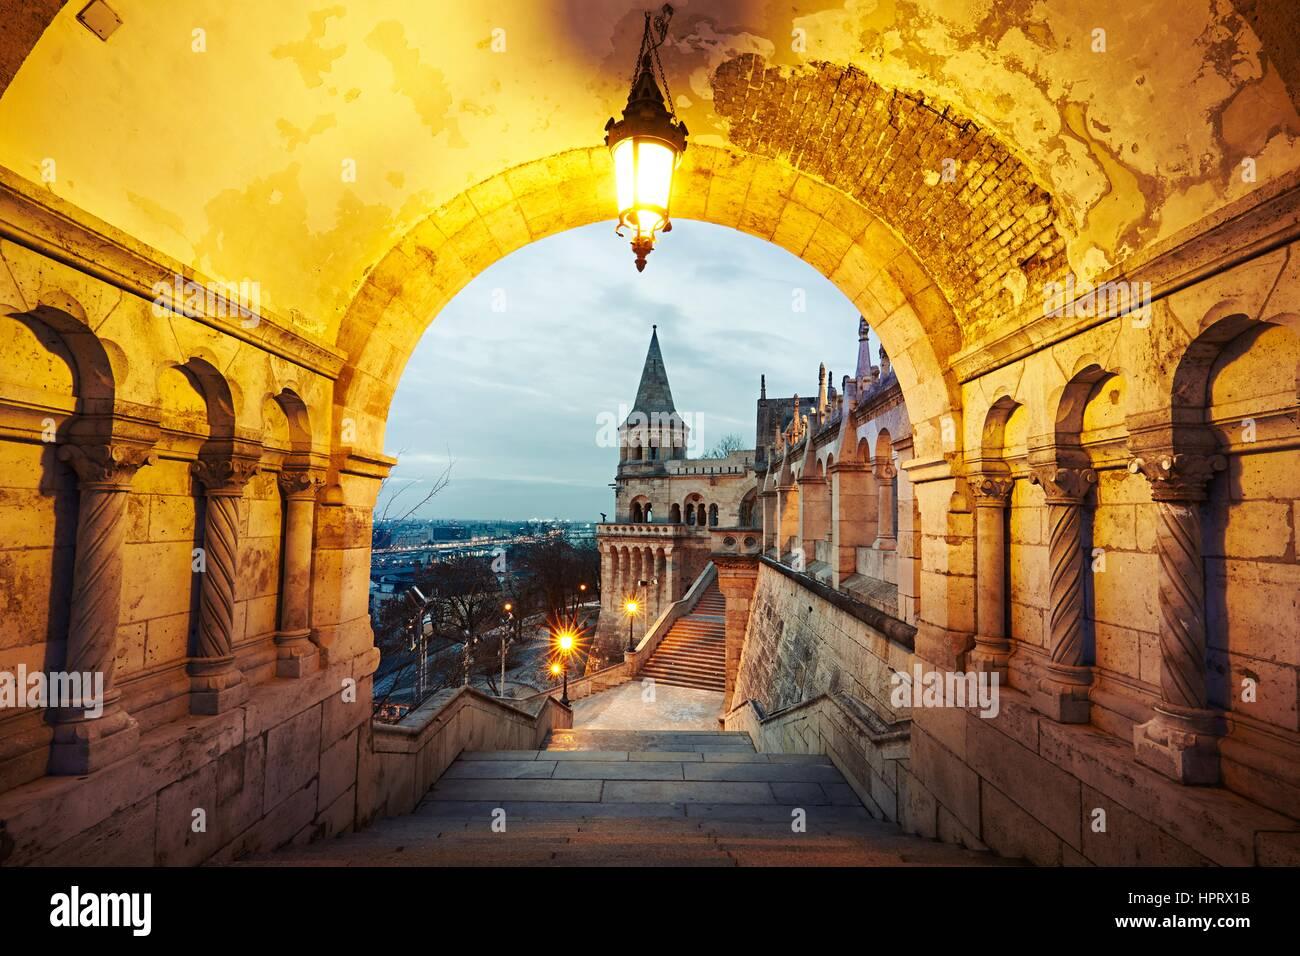 Fischerbastei - Dämmerung in Budapest, Ungarn Stockbild